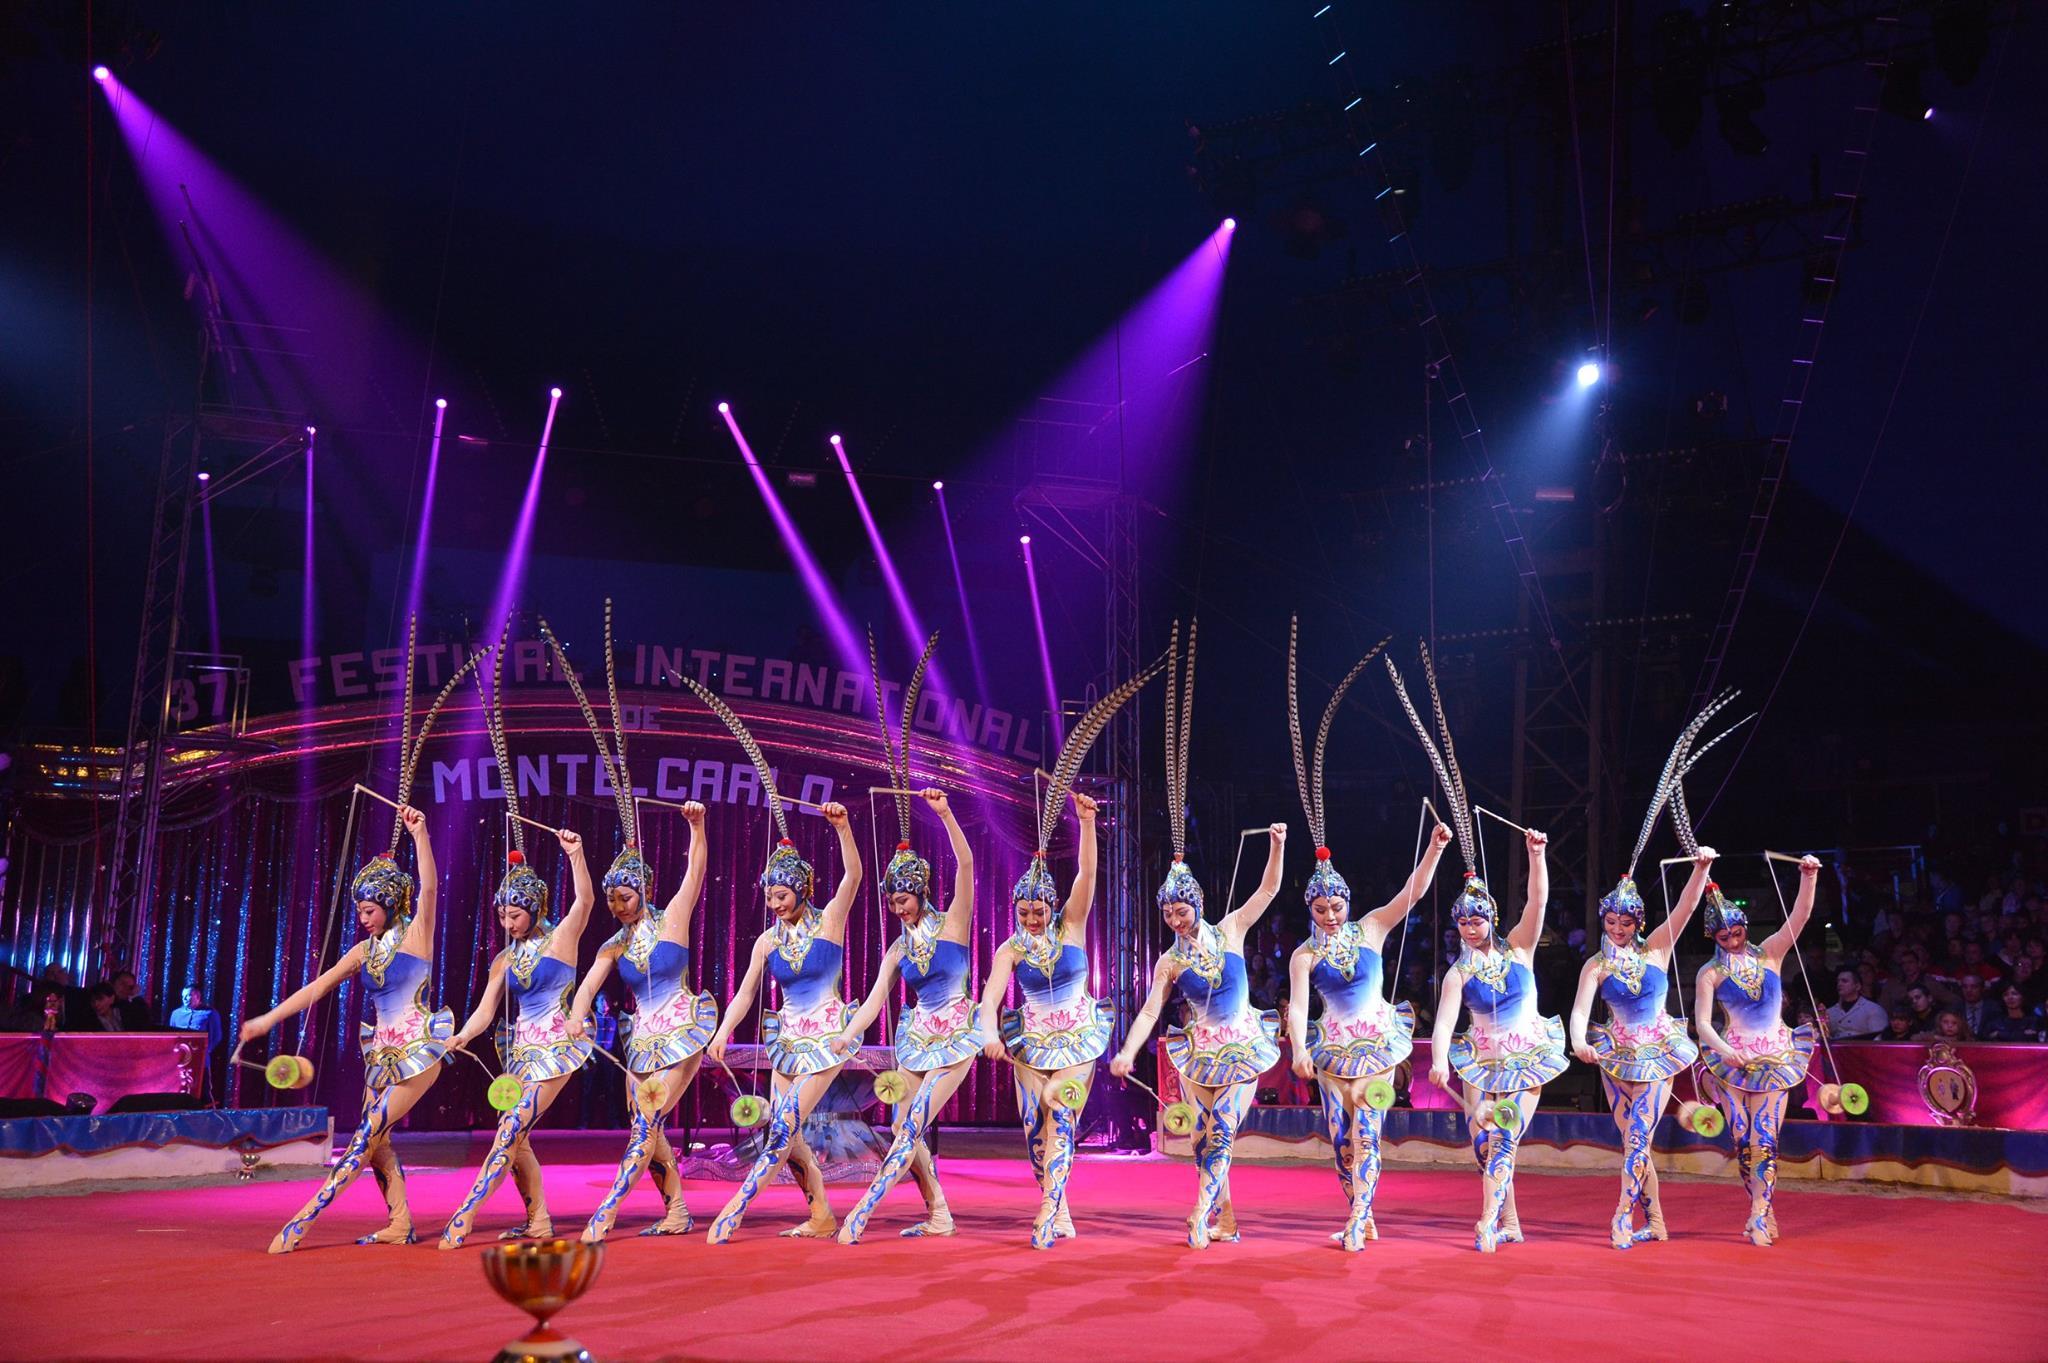 Международный цирковой фестиваль в монте карло